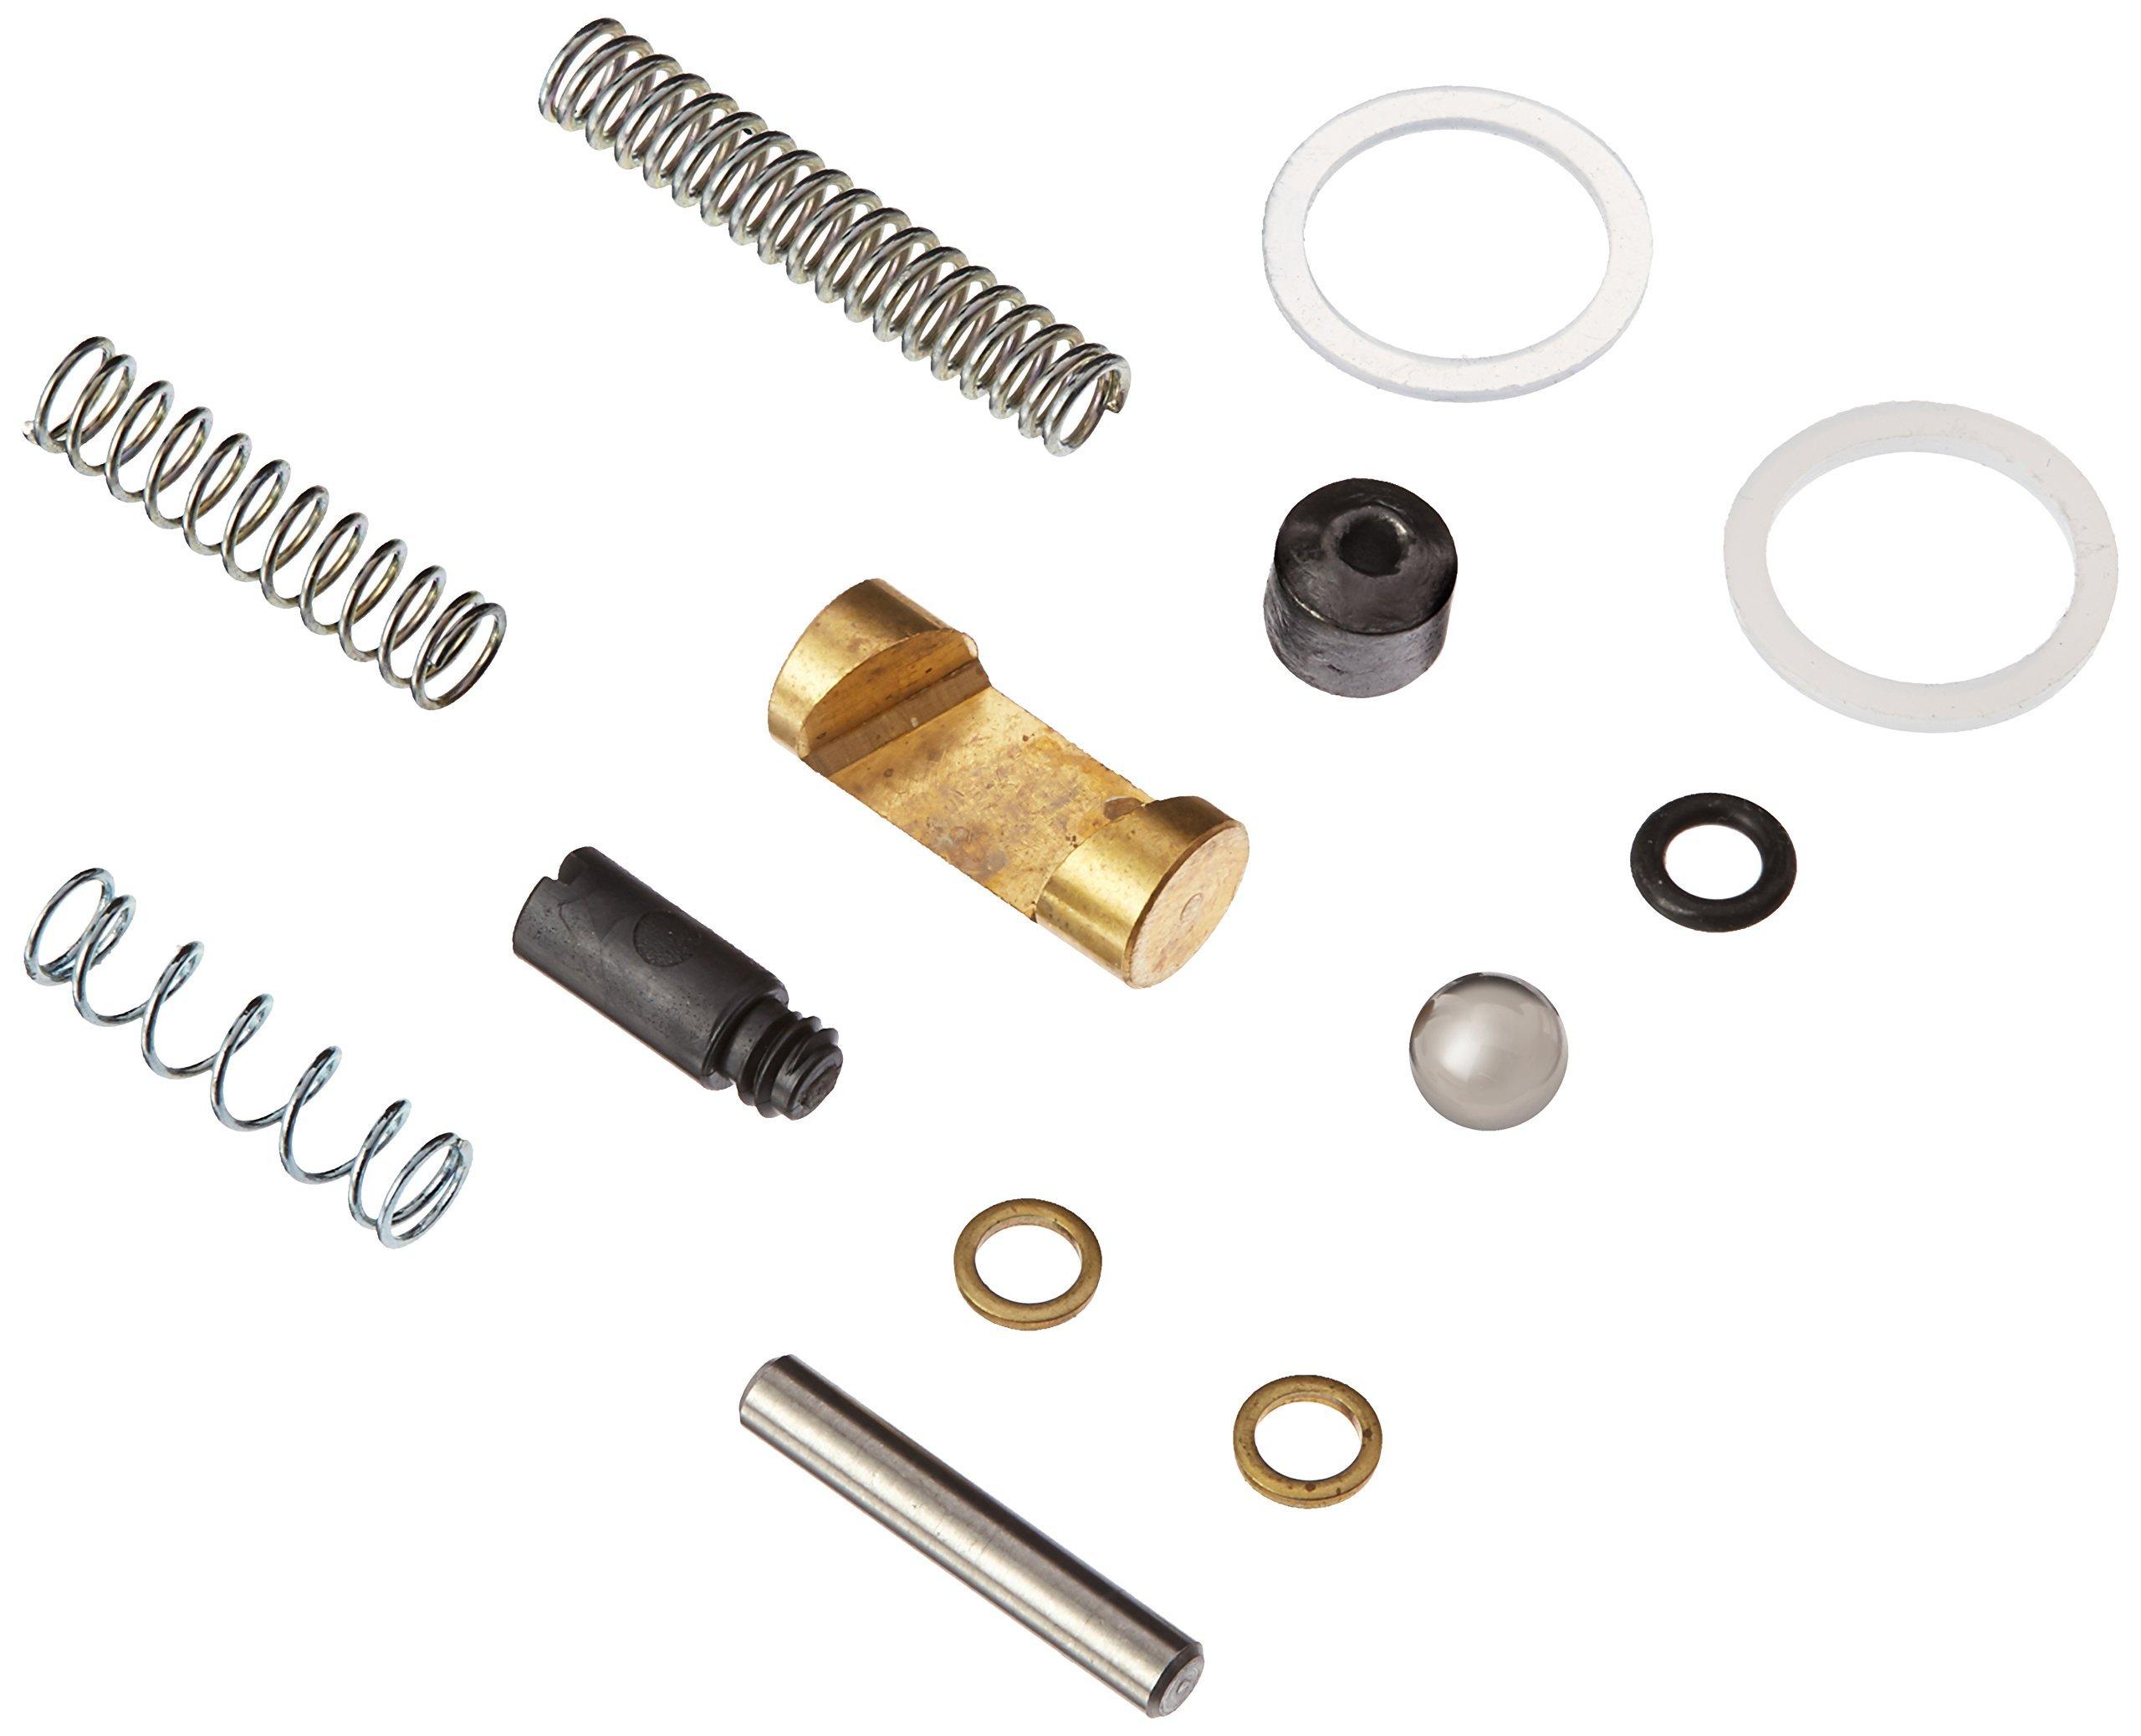 DeVilbiss KK5044 Repair Kit for EGA/EGHV Spray Gun